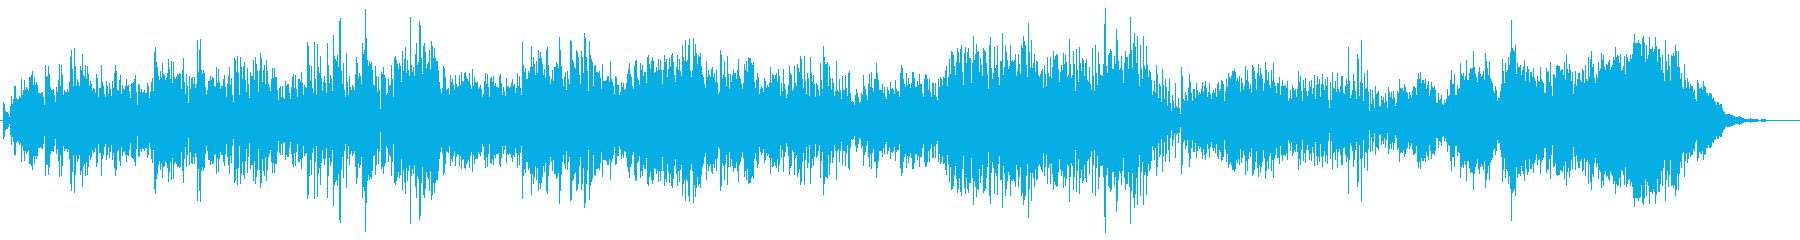 リズミカル 水 キラキラ ■ ピアノソロの再生済みの波形